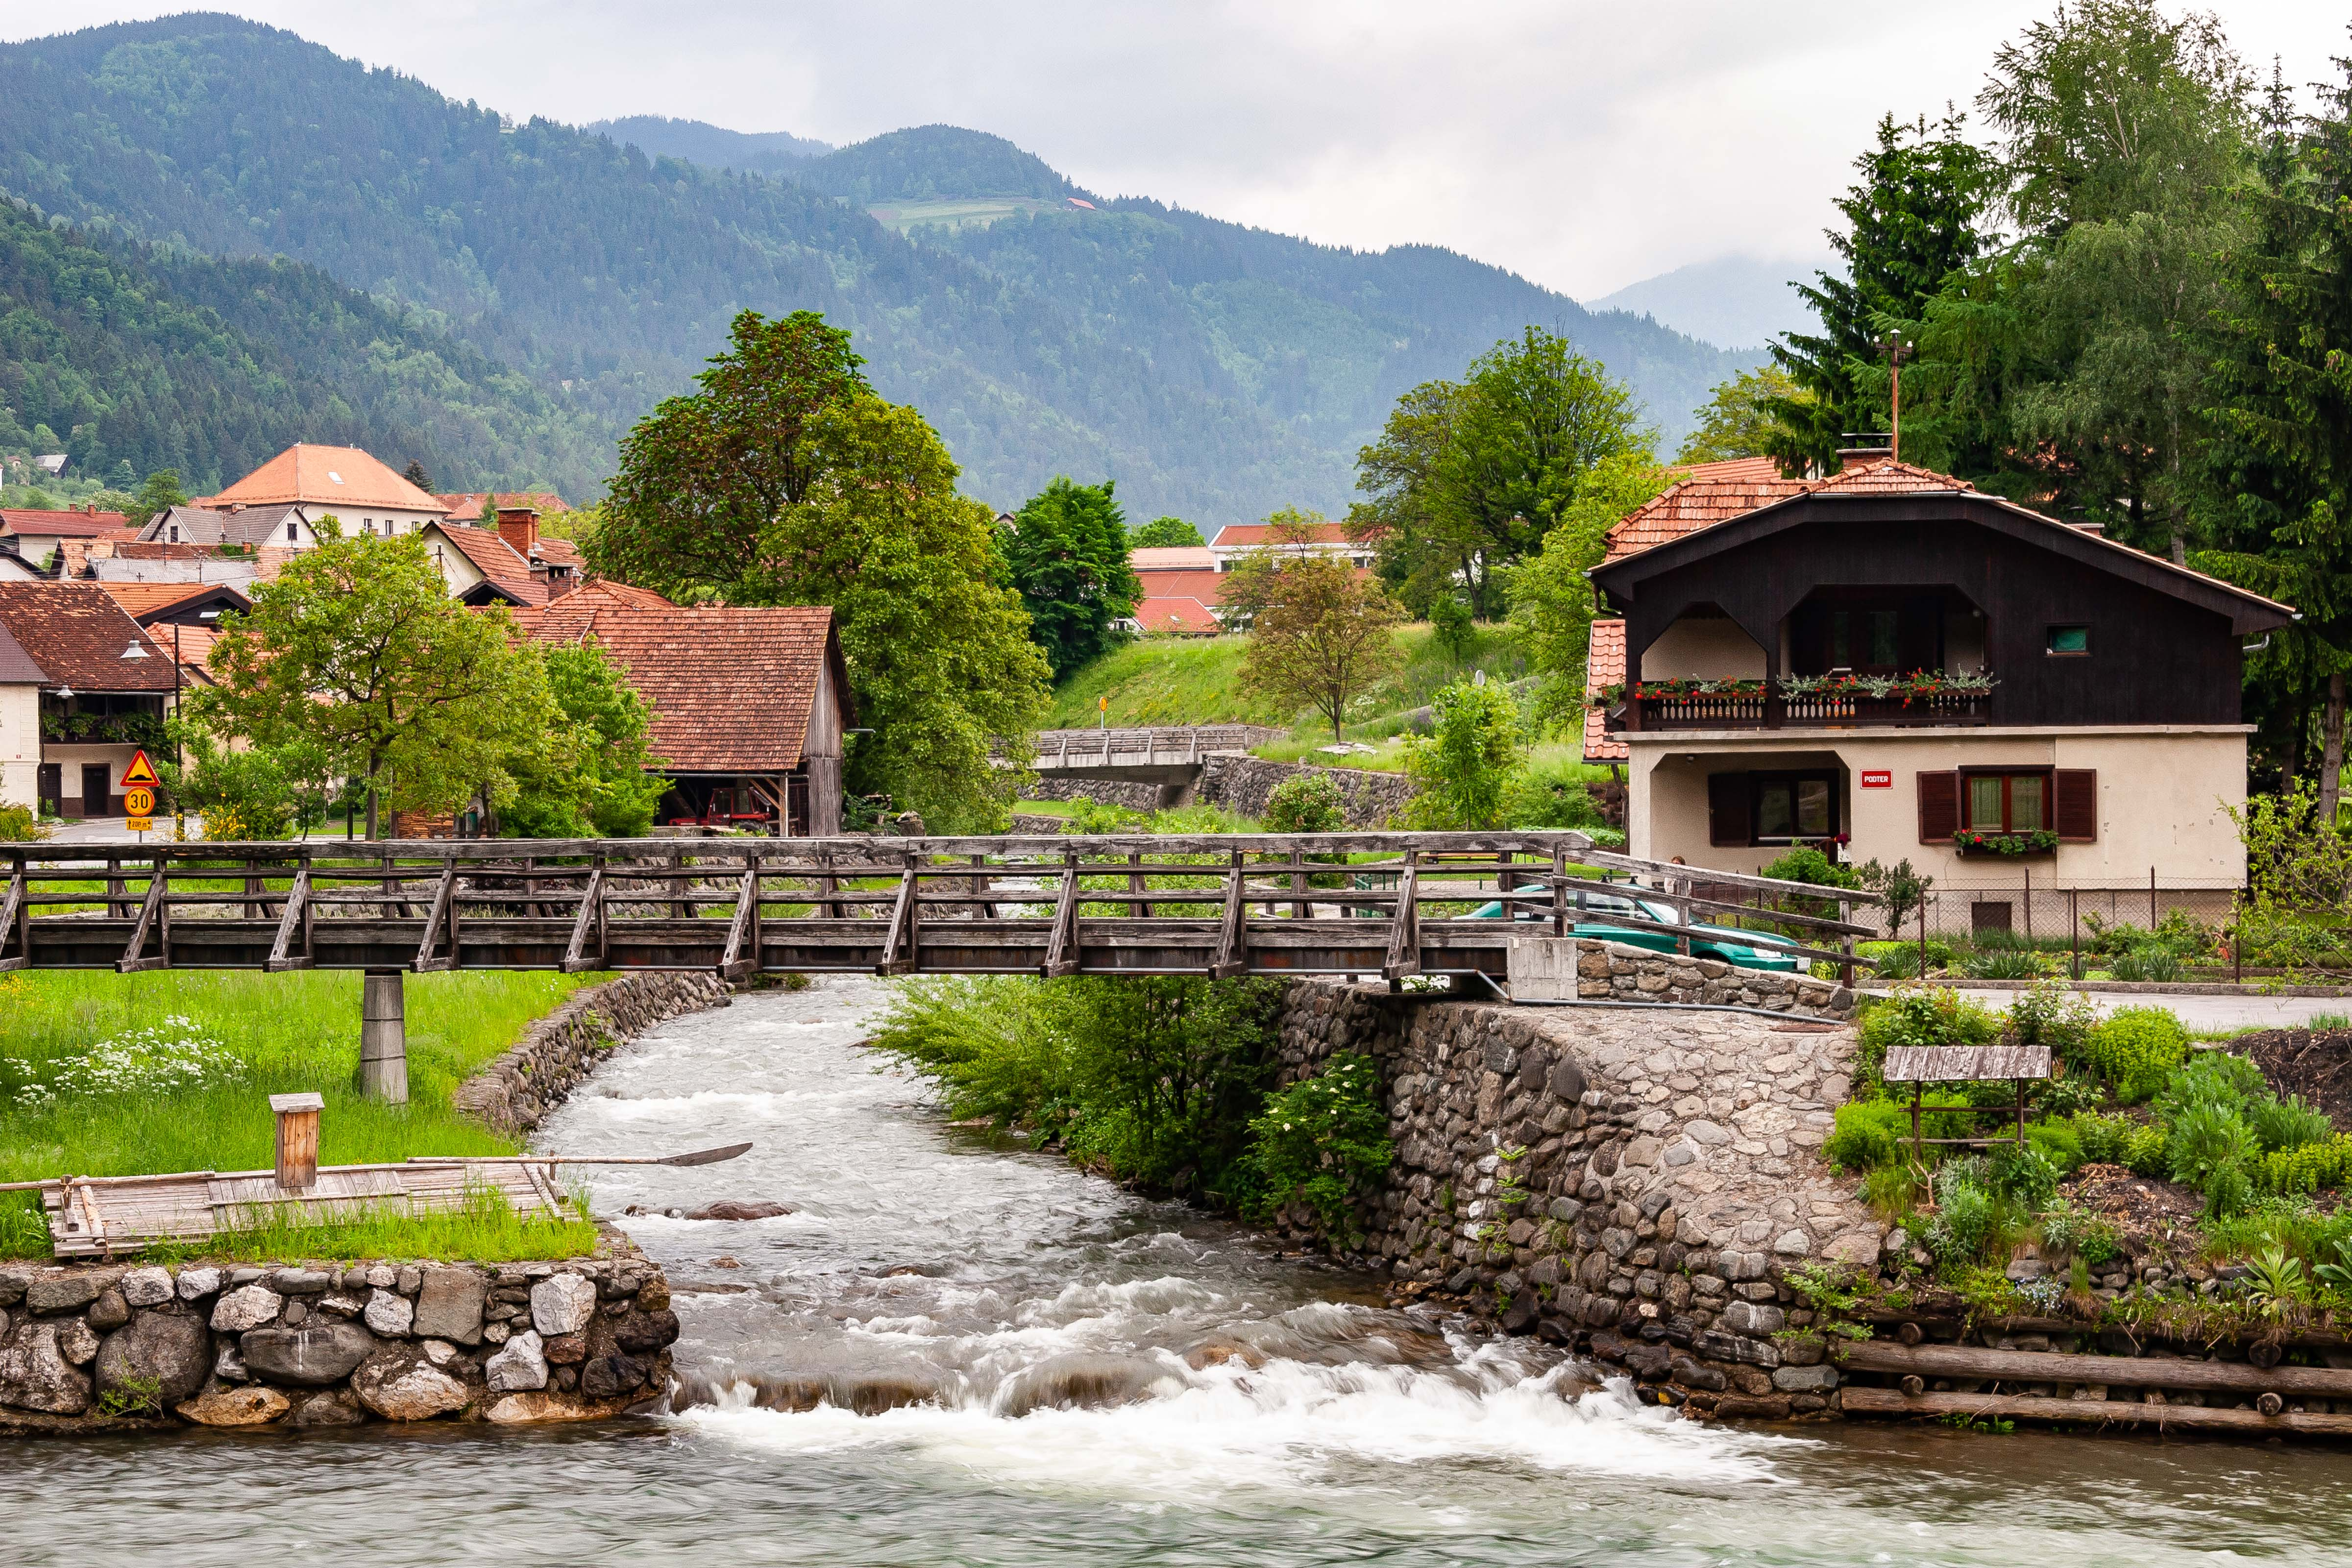 Slovenia, Ljubno Prov, Village River, 2006, IMG 8343